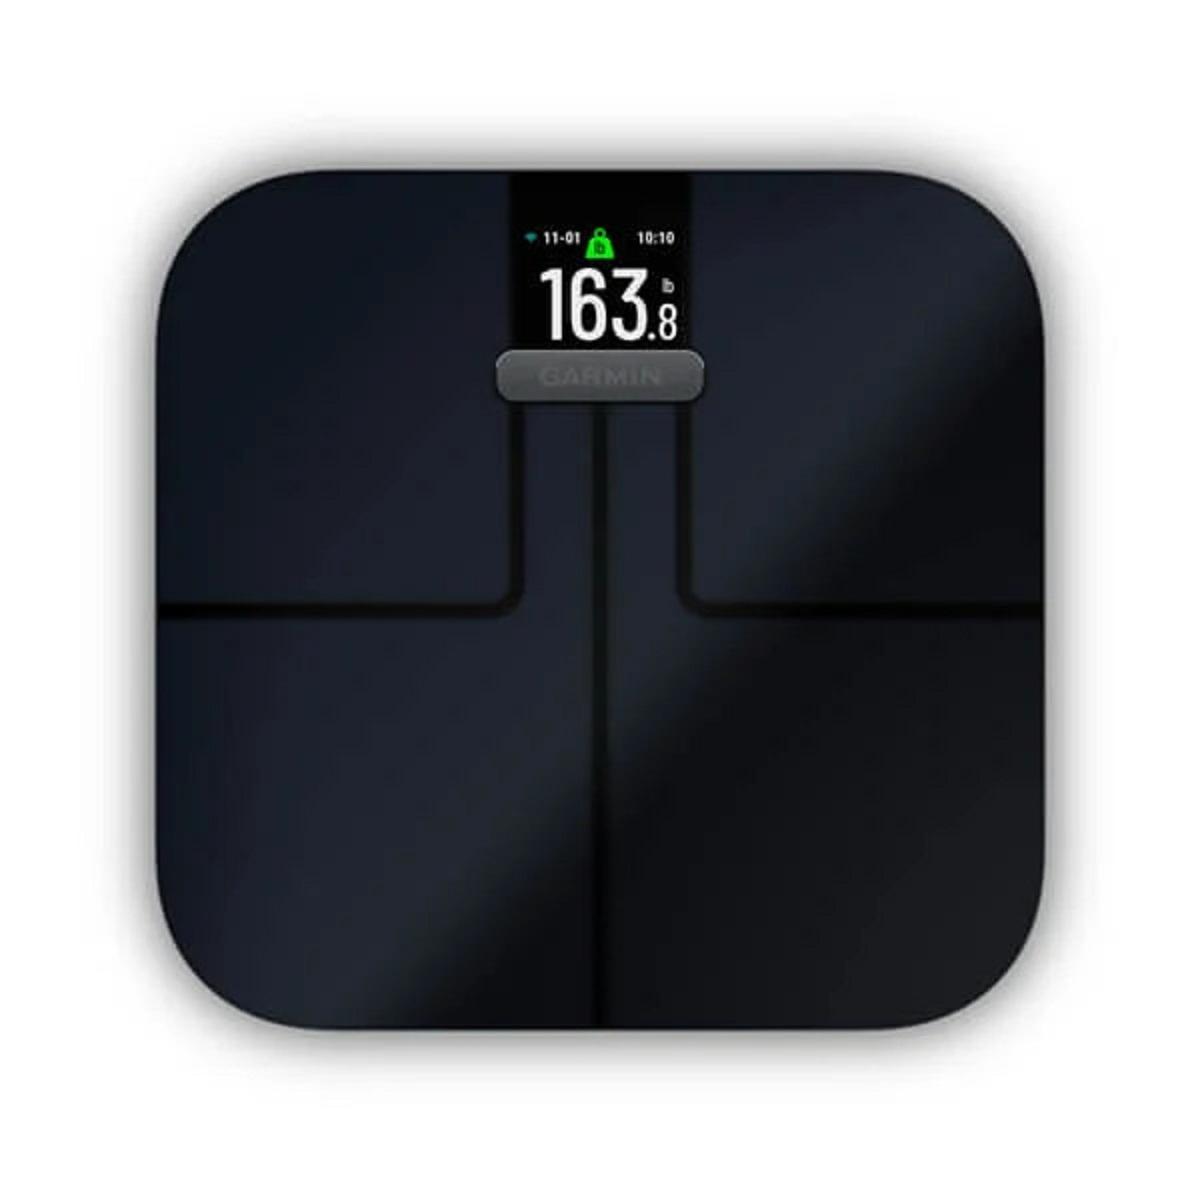 Garmin Balança Digital Inteligente C/ Bluetooth Ant+ S2 Preta 010-02294-12